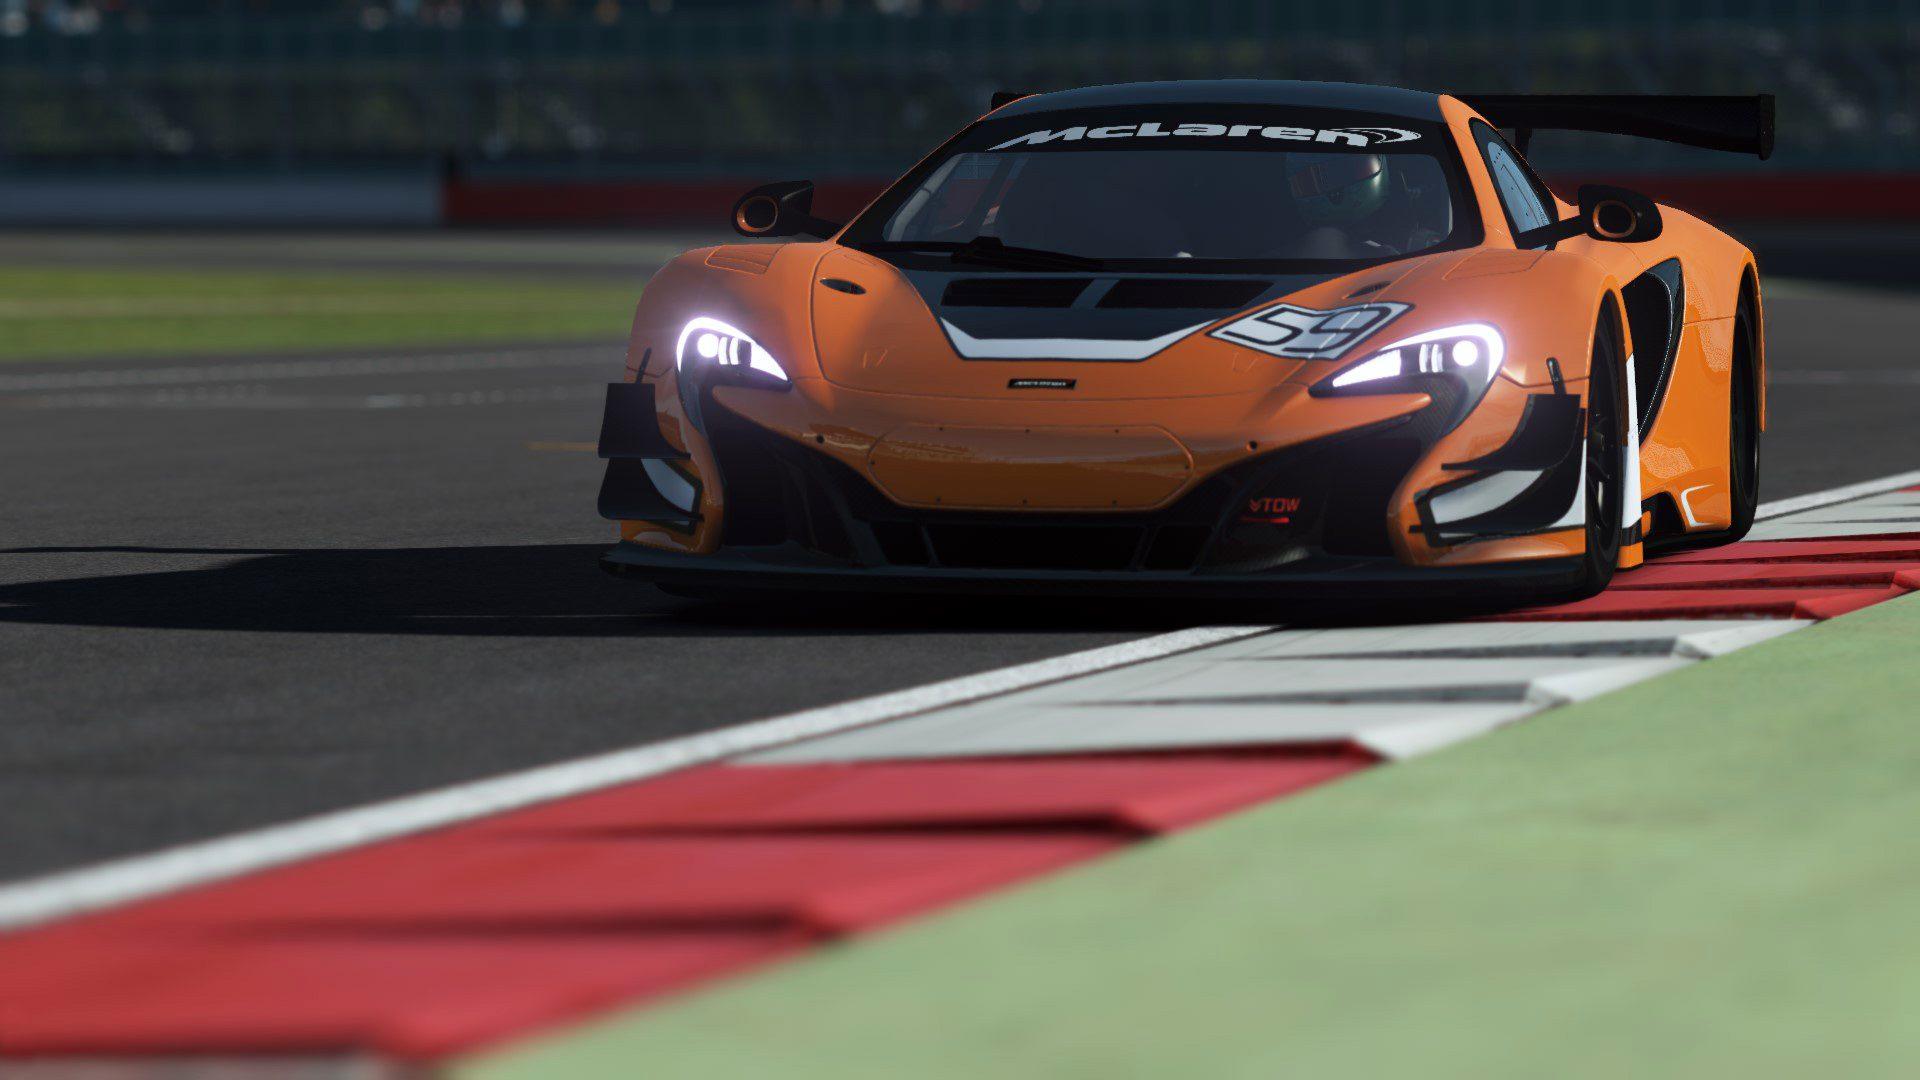 McLaren_Promo-1920x1080.jpg